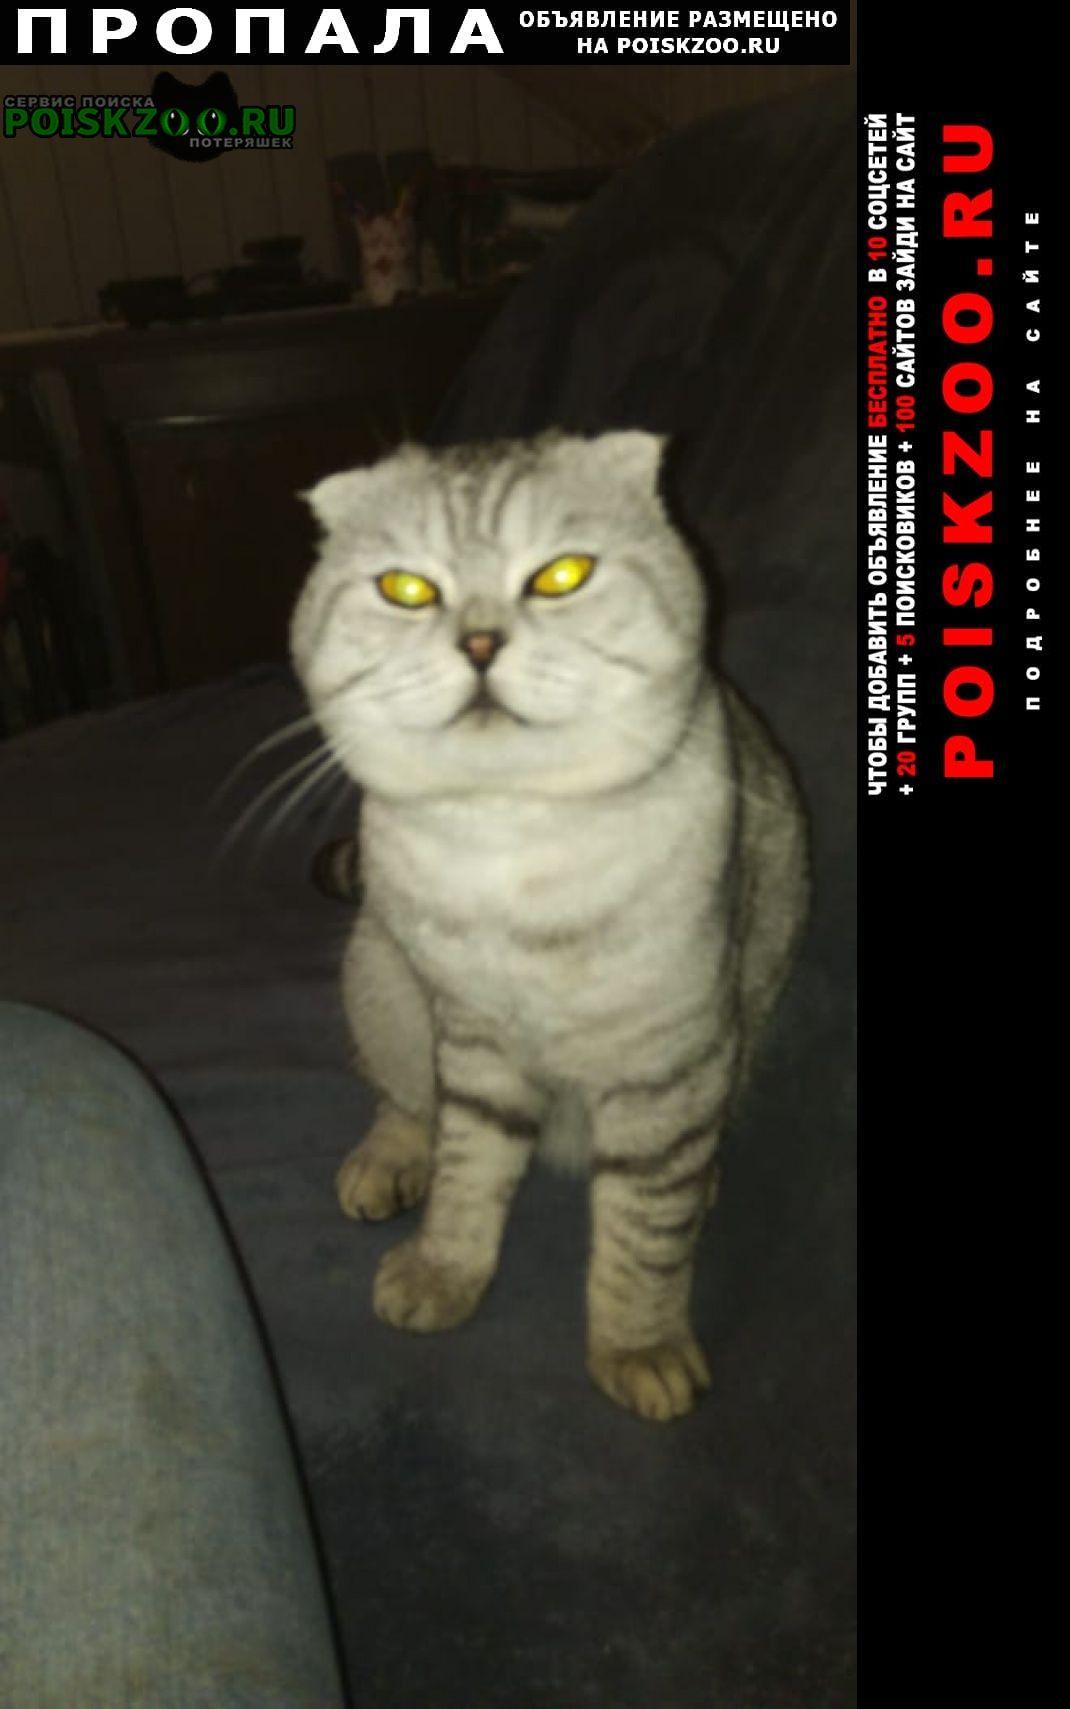 Истра Пропал кот истринский район, деревня духанино